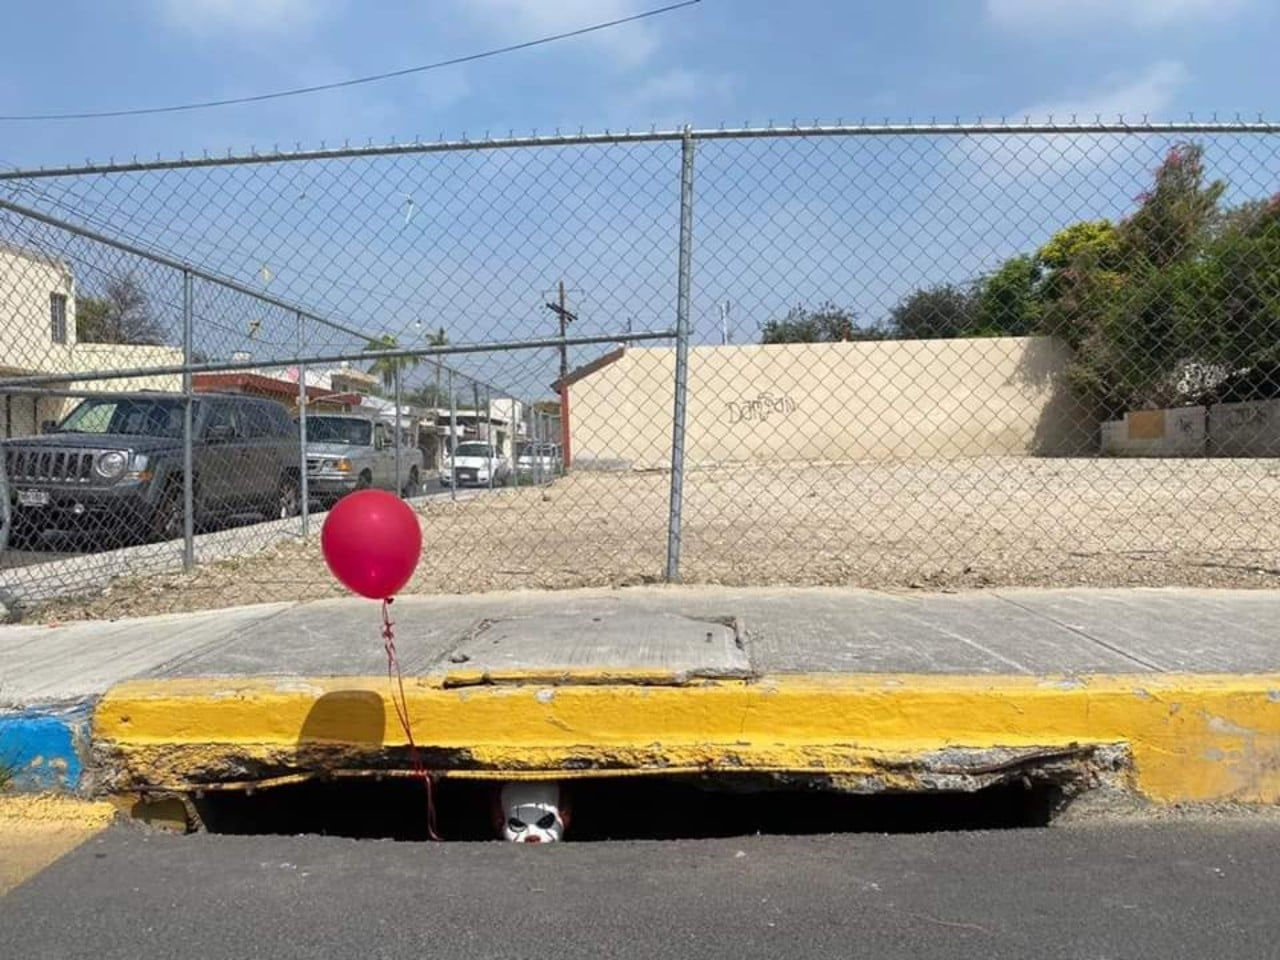 Pennywise, el payaso de 'Eso', aparece en Nuevo León